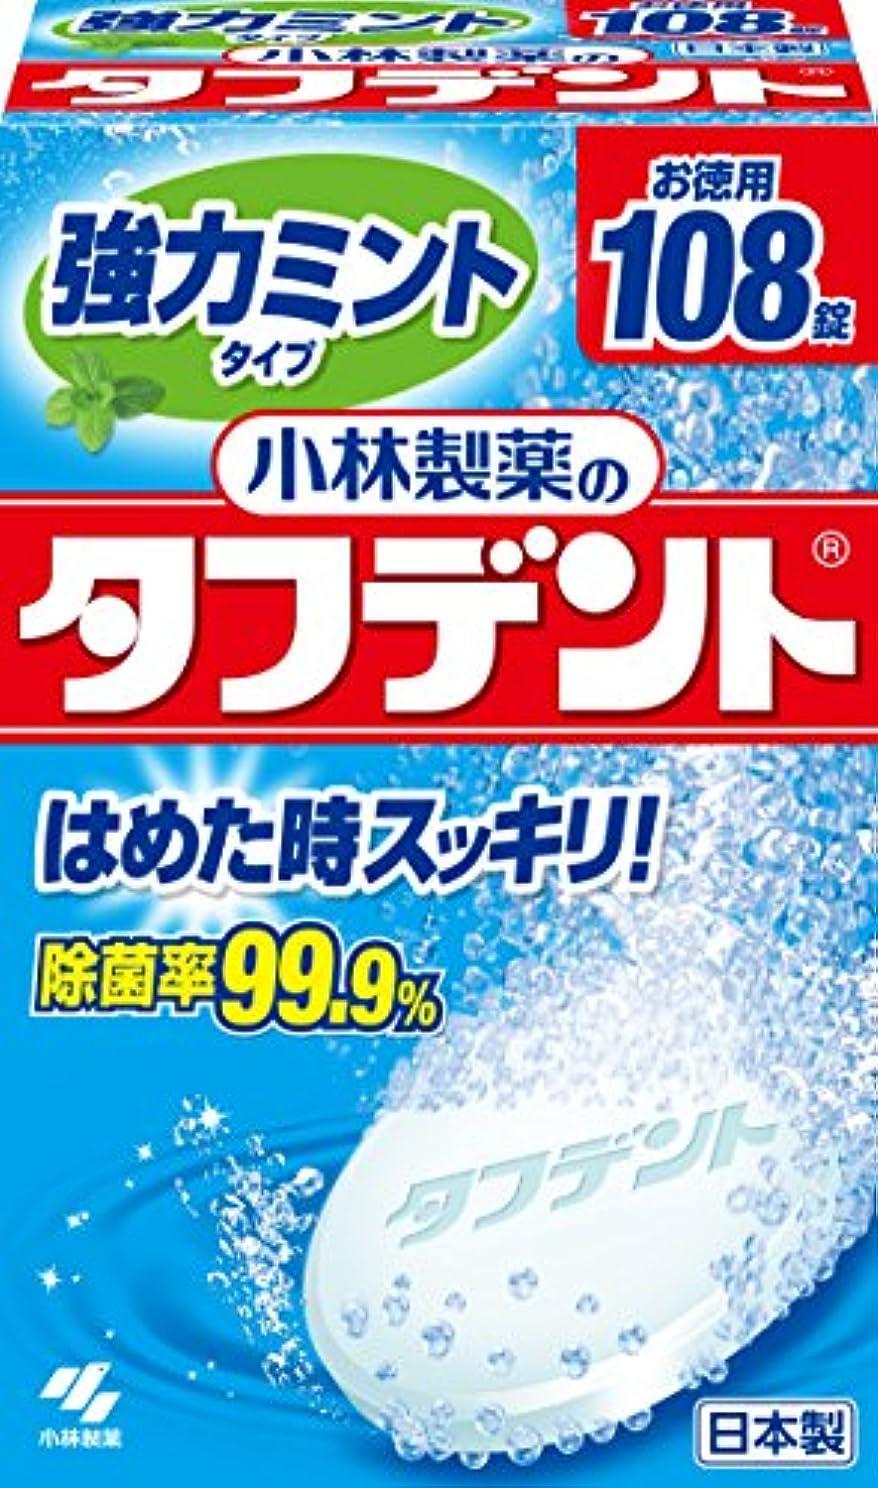 崖強打引き受ける小林製薬のタフデント強力ミントタイプ 入れ歯用洗浄剤 ミントの香り 108錠